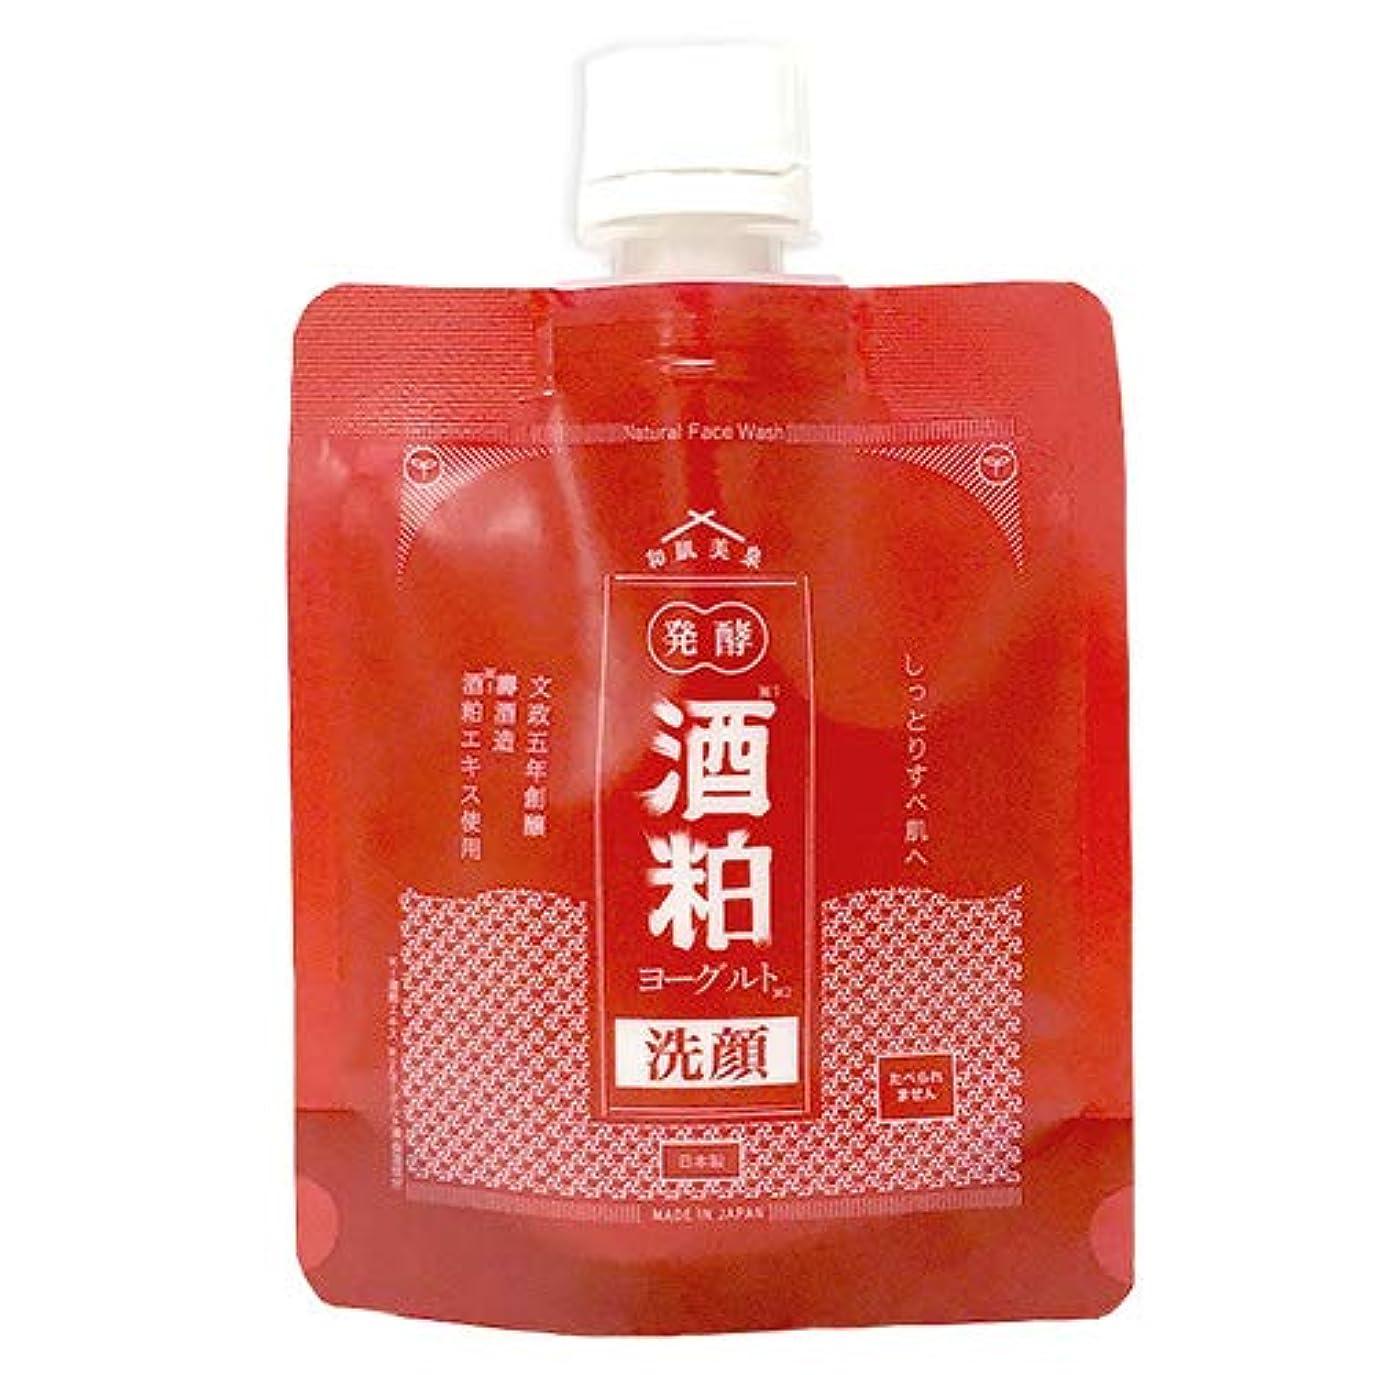 エレガント腕甘美な和肌美泉 発酵•酒粕ヨーグルト洗顔 100g